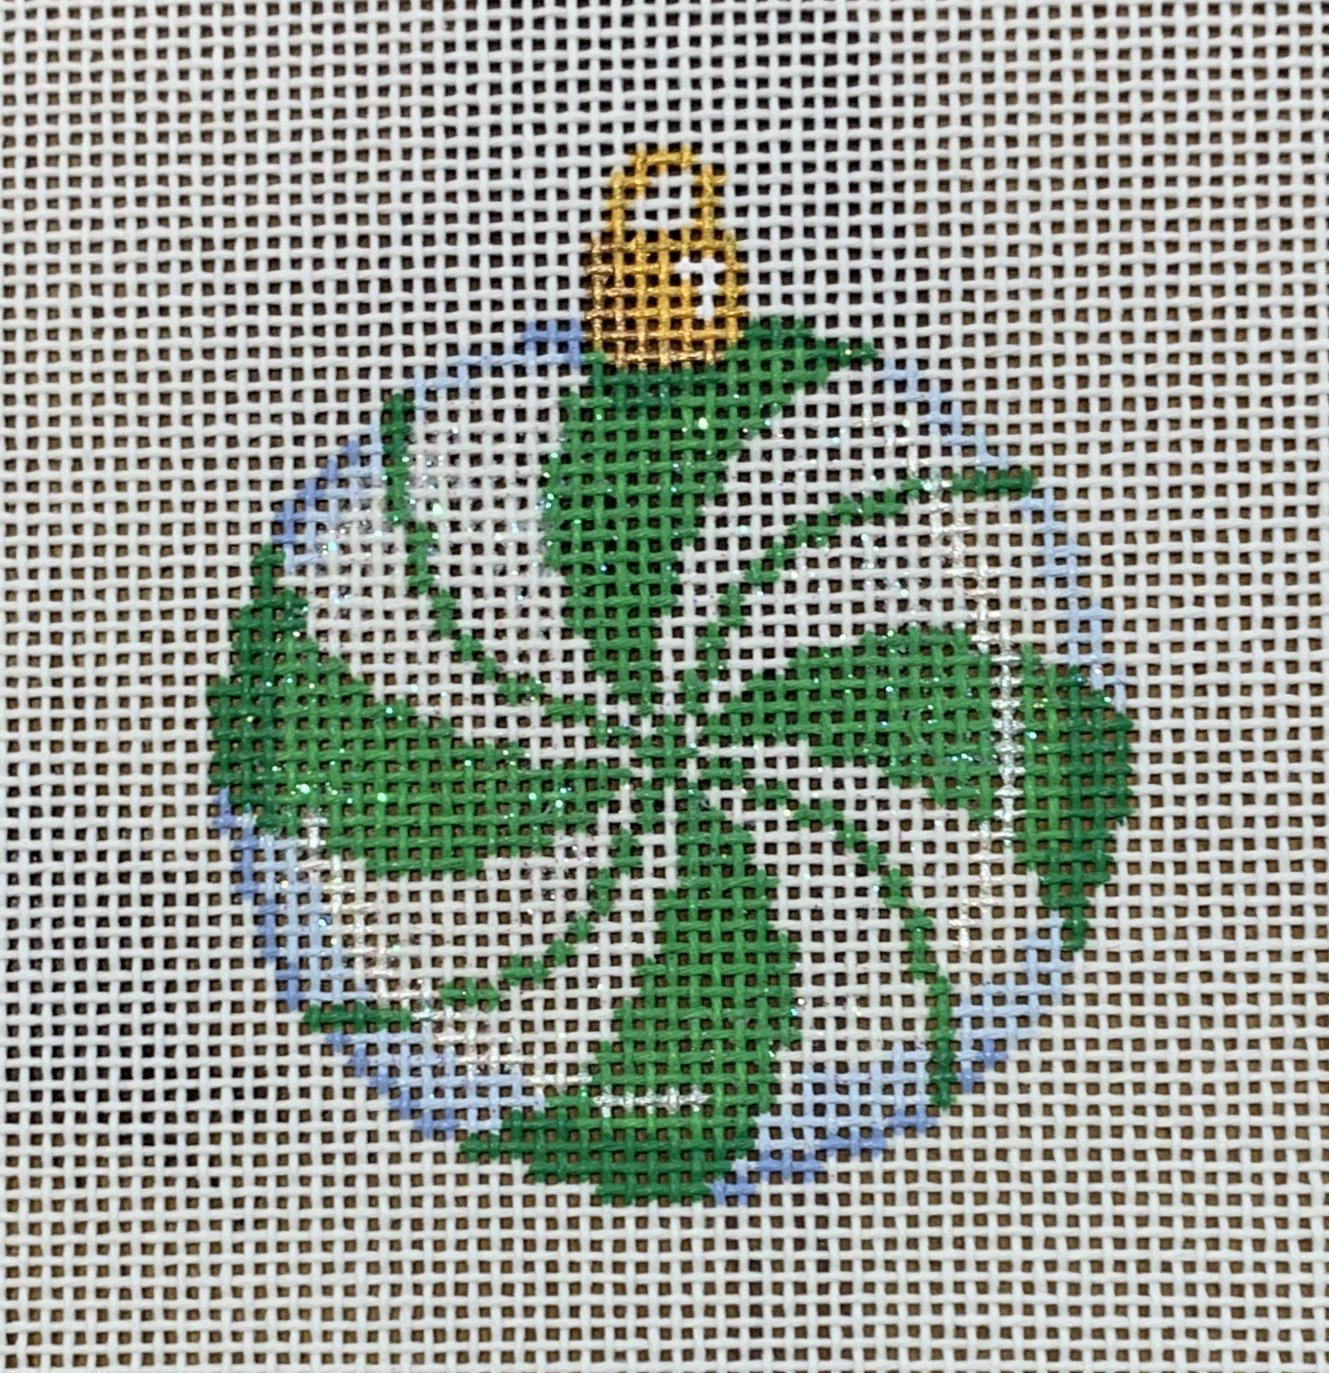 ATTSCT1451G Green Peppermint Mini Ball  2.25x2.25  18